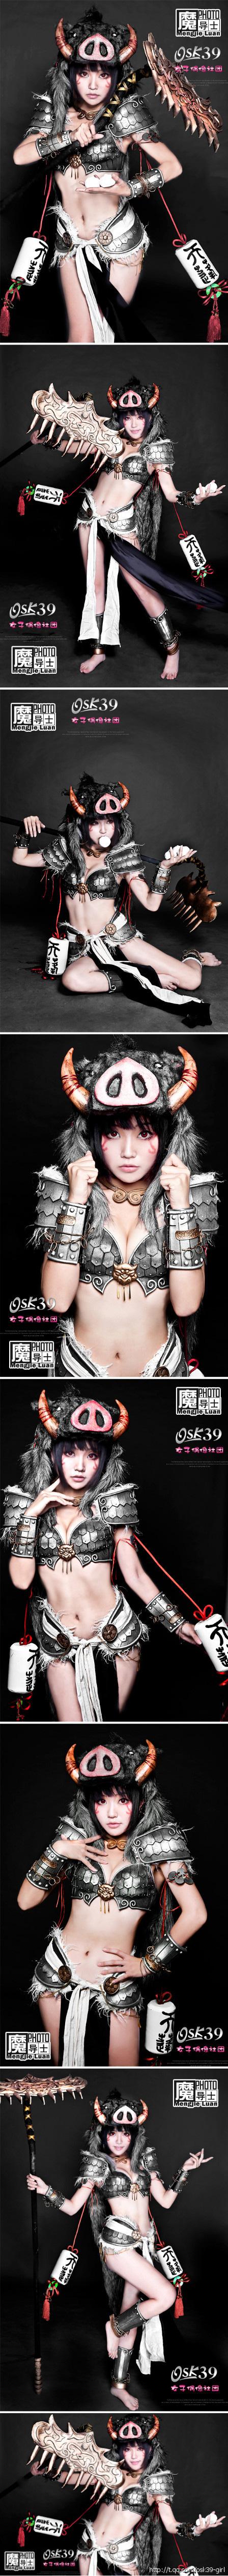 Ngắm cosplay Trư Bát Giới phiên bản nữ - Ảnh 2